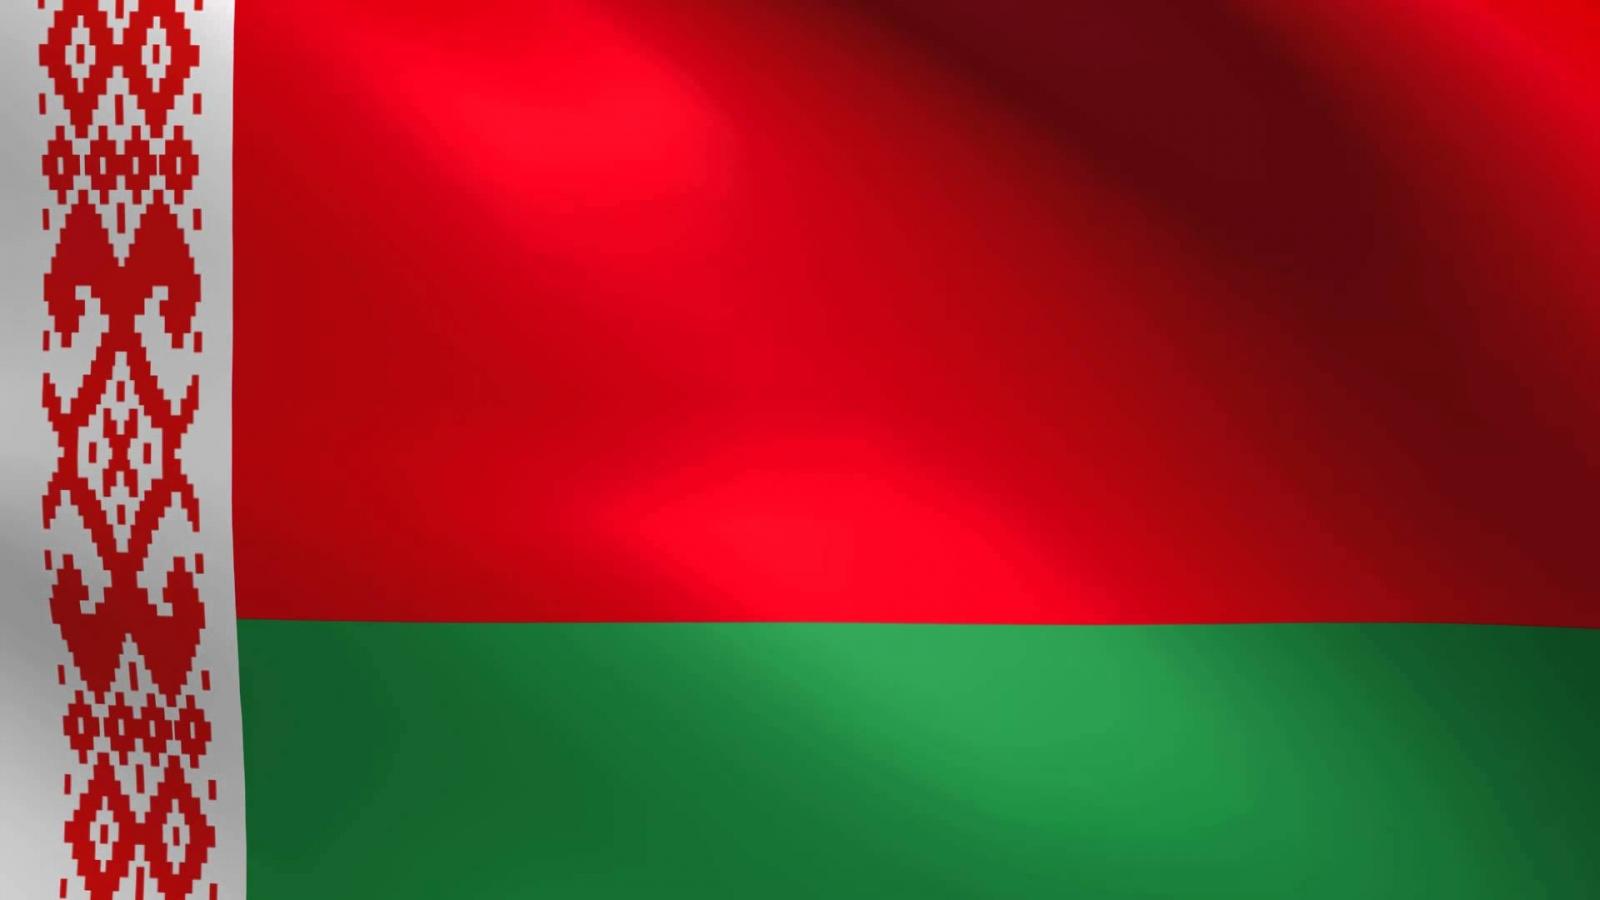 смешные картинки флаг белоруссии выбирает, любая деятельность